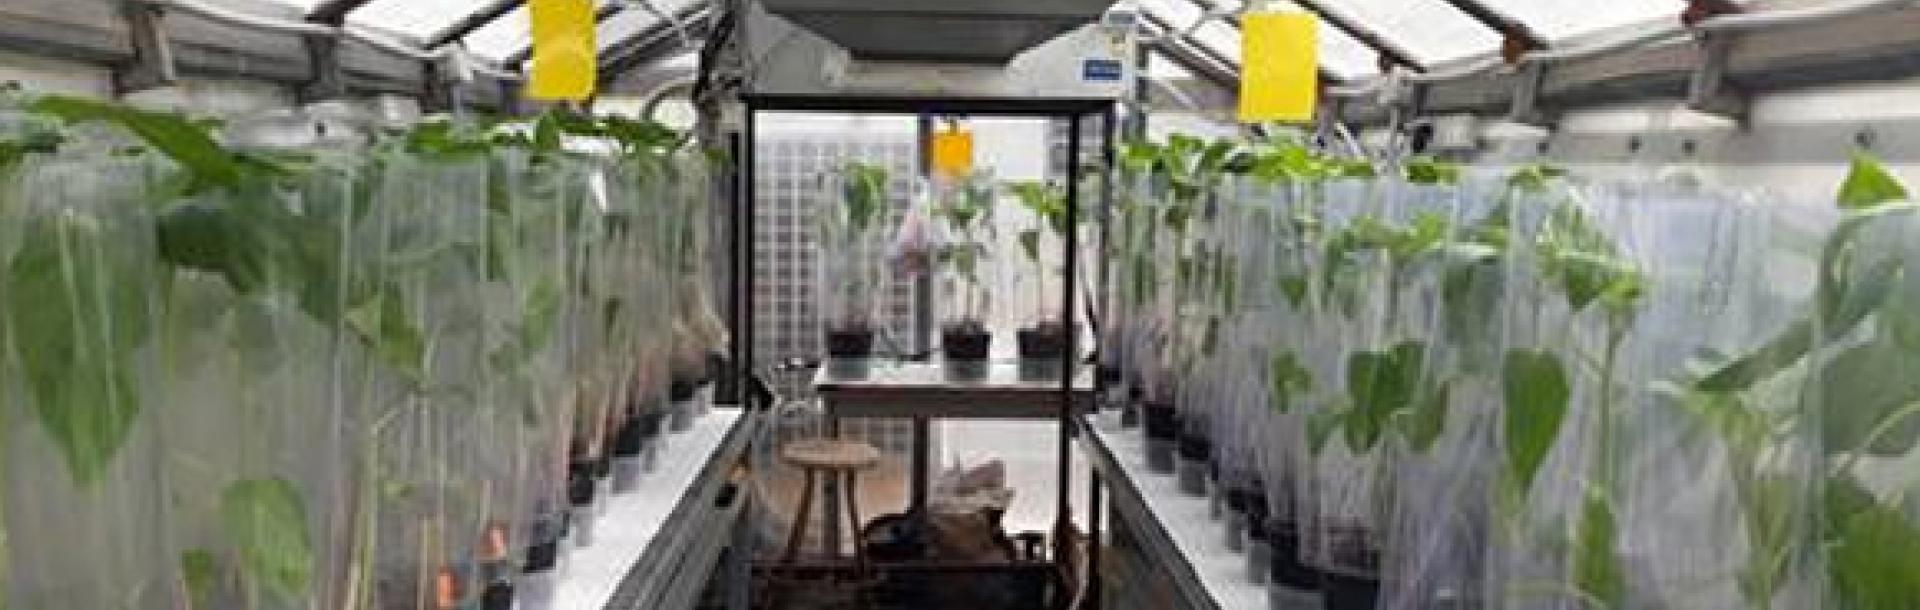 על צמחים ומתכות כבדות